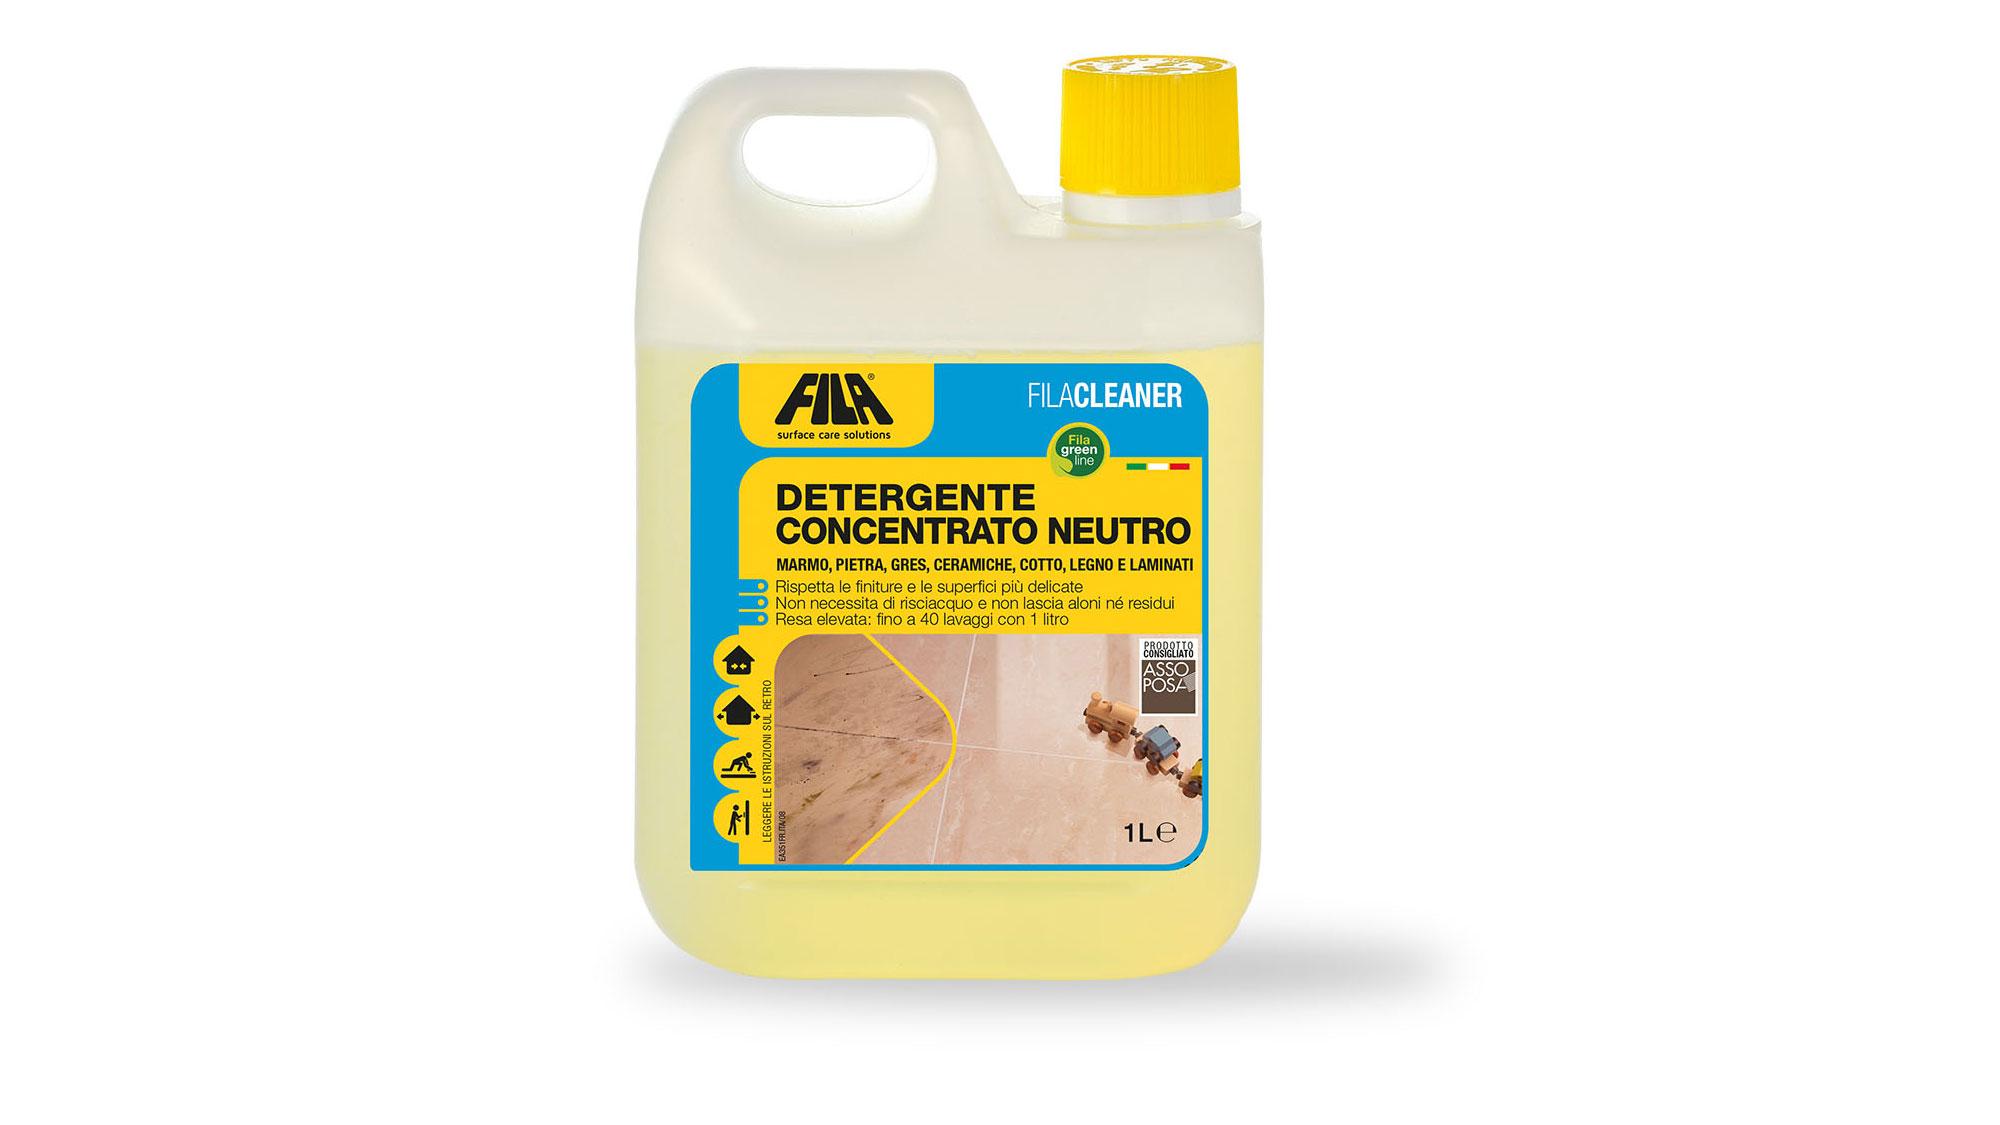 FILACLEANER Detergente concentrato neutro | Caratteristiche e utilizzo